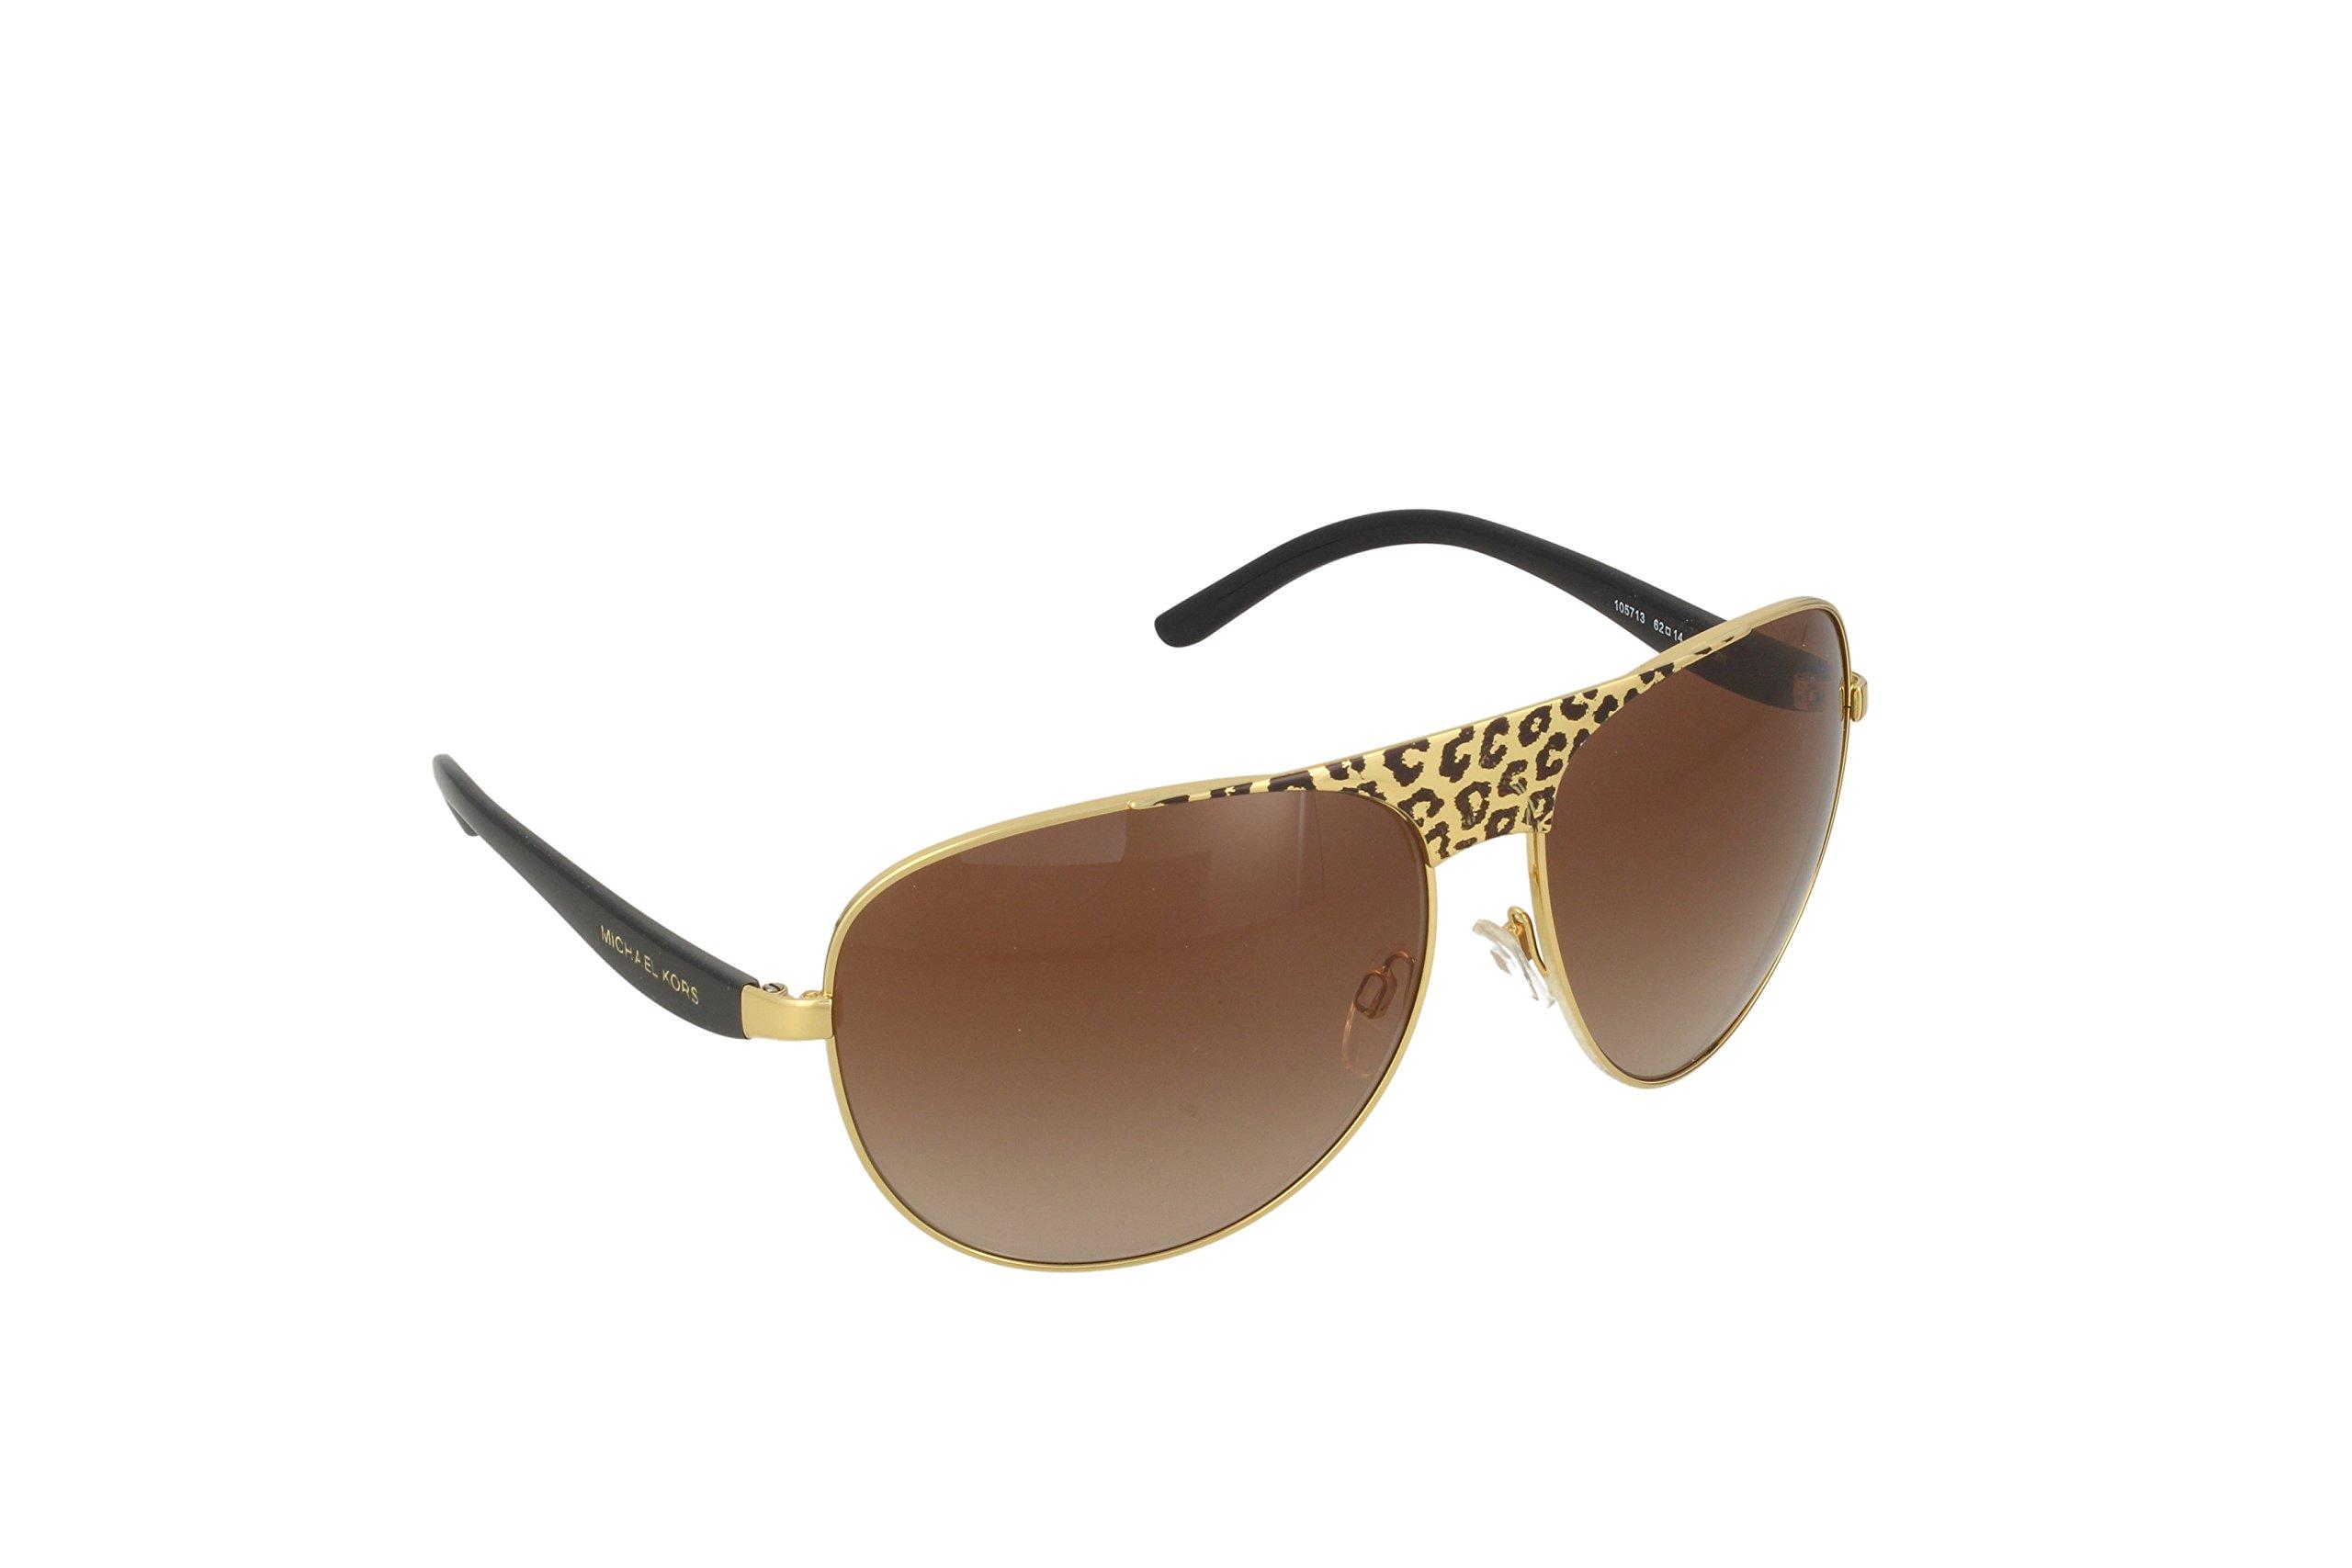 Ray Montures Femme Gold LunettesNoir ban 105713 De black62 Leopard tQrdhs